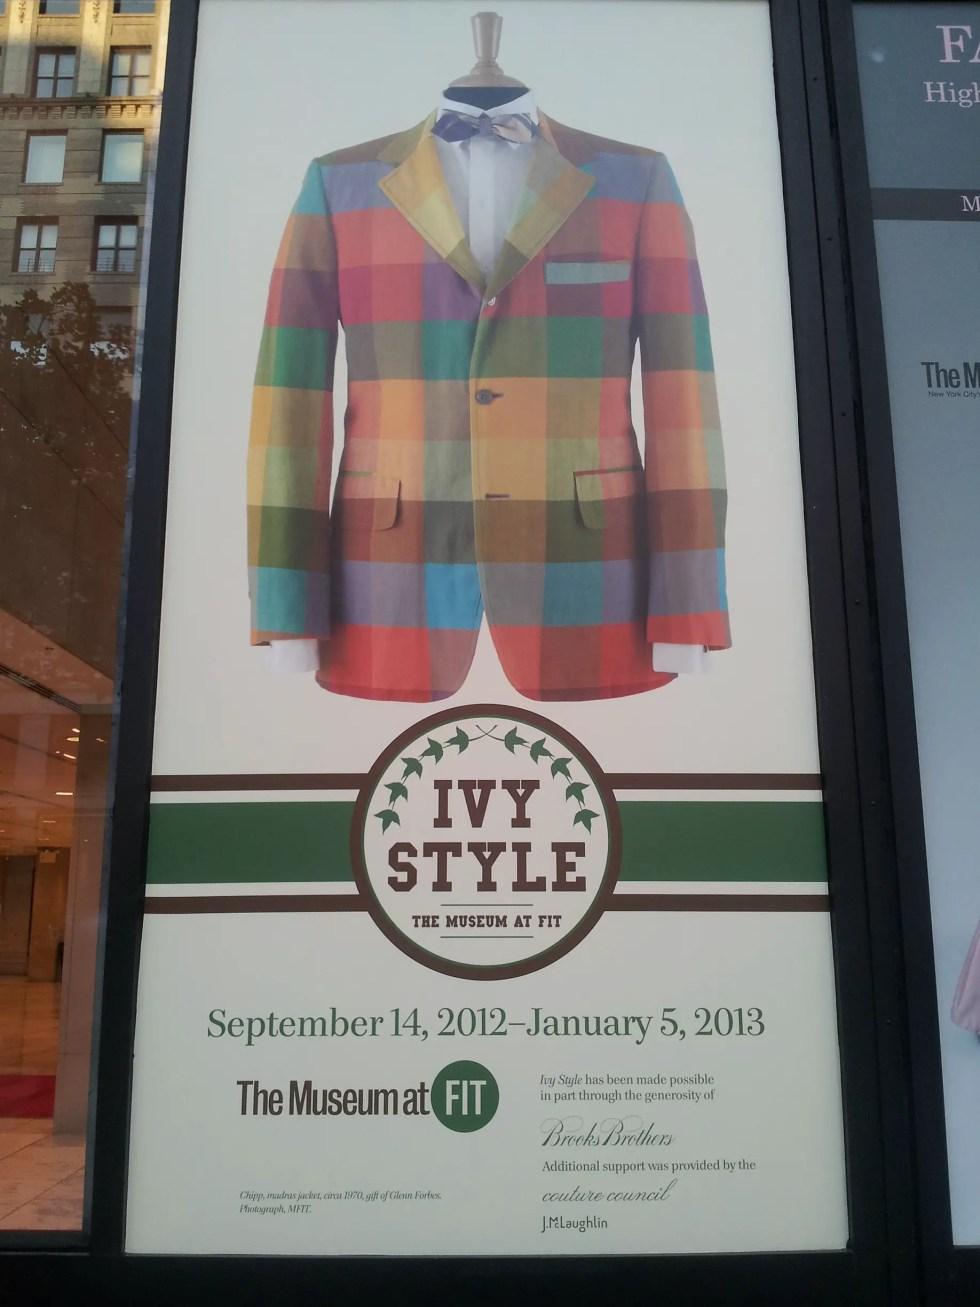 Ivy Style Exhibit